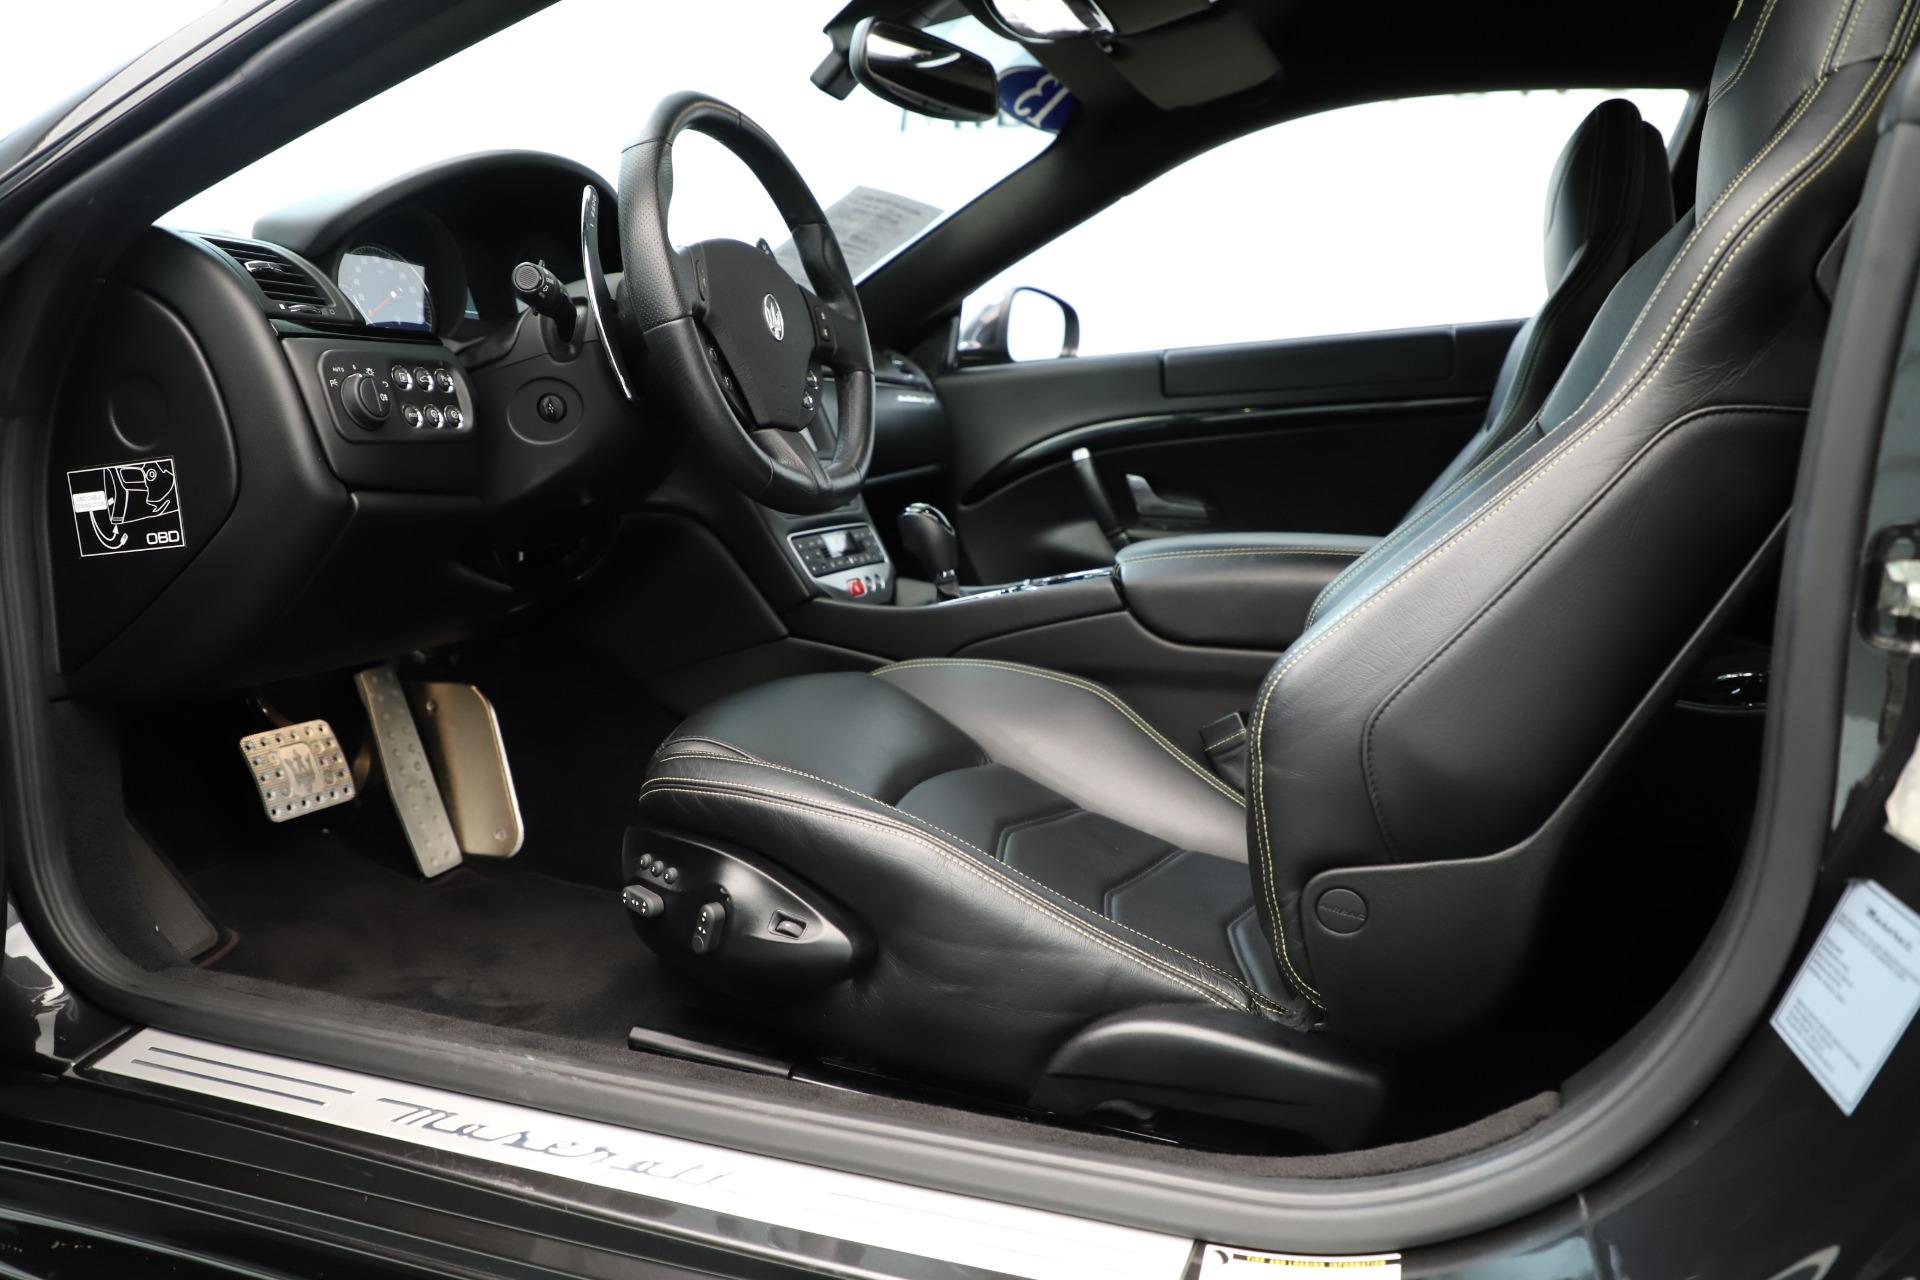 Used 2013 Maserati GranTurismo Sport For Sale In Westport, CT 3327_p14